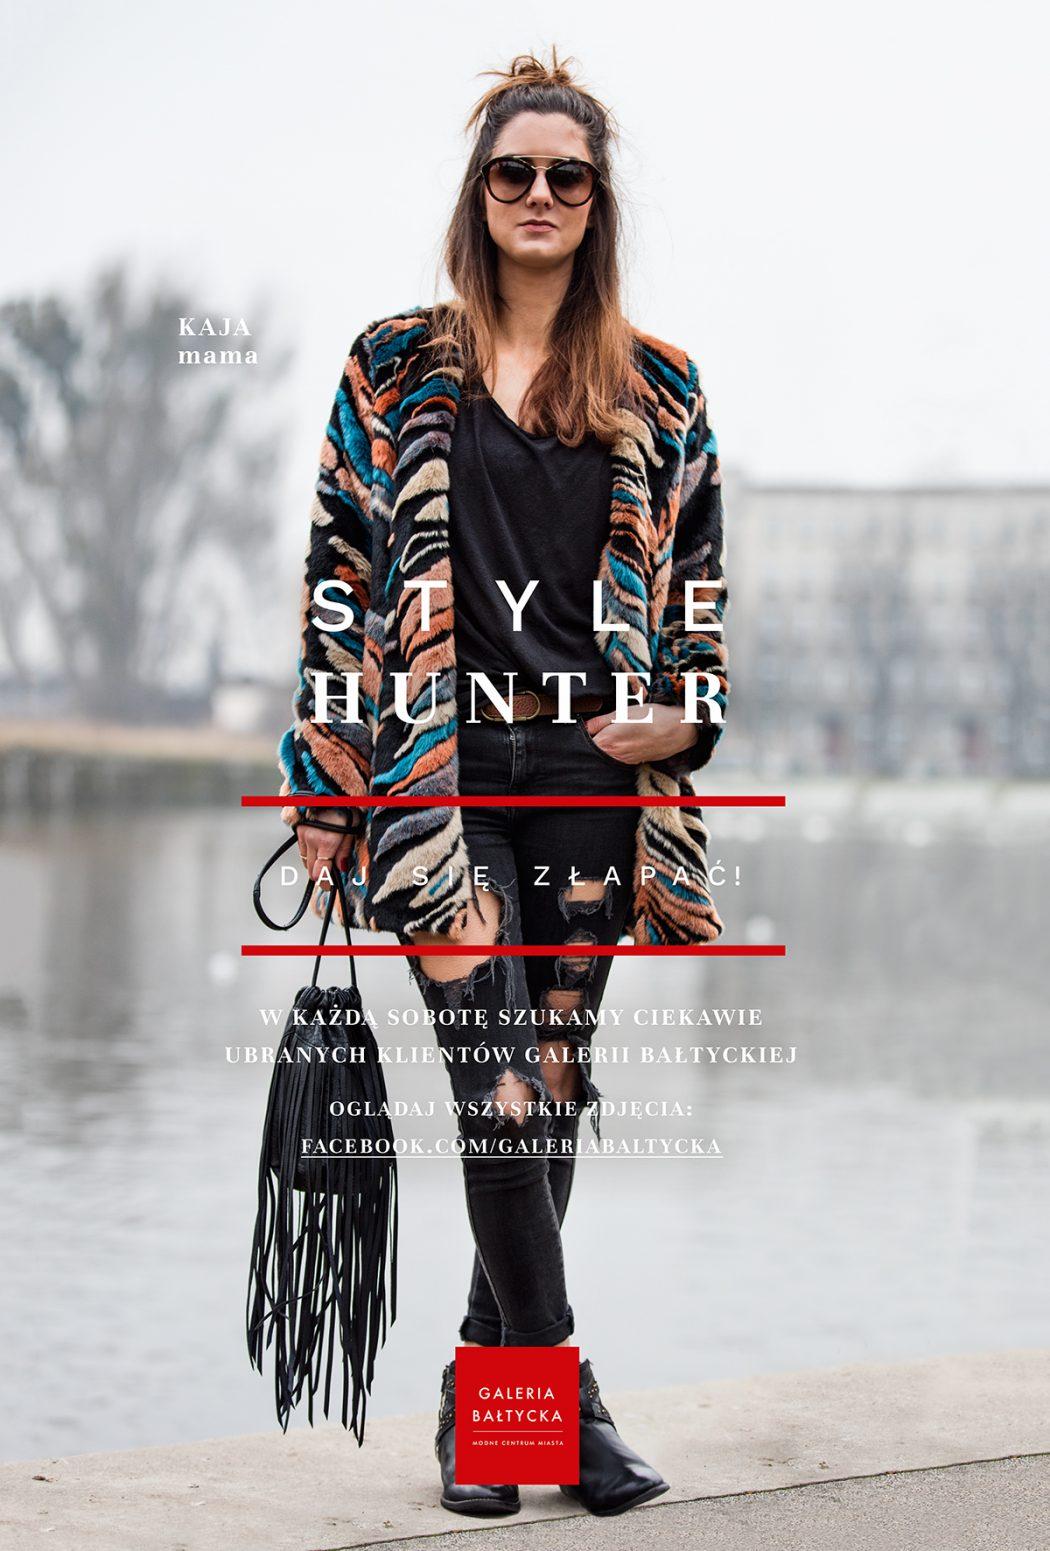 magazynkobiet.pl - Style Hunter Kaja 1050x1551 - Style Hunter, czyli galeria miejskiego stylu